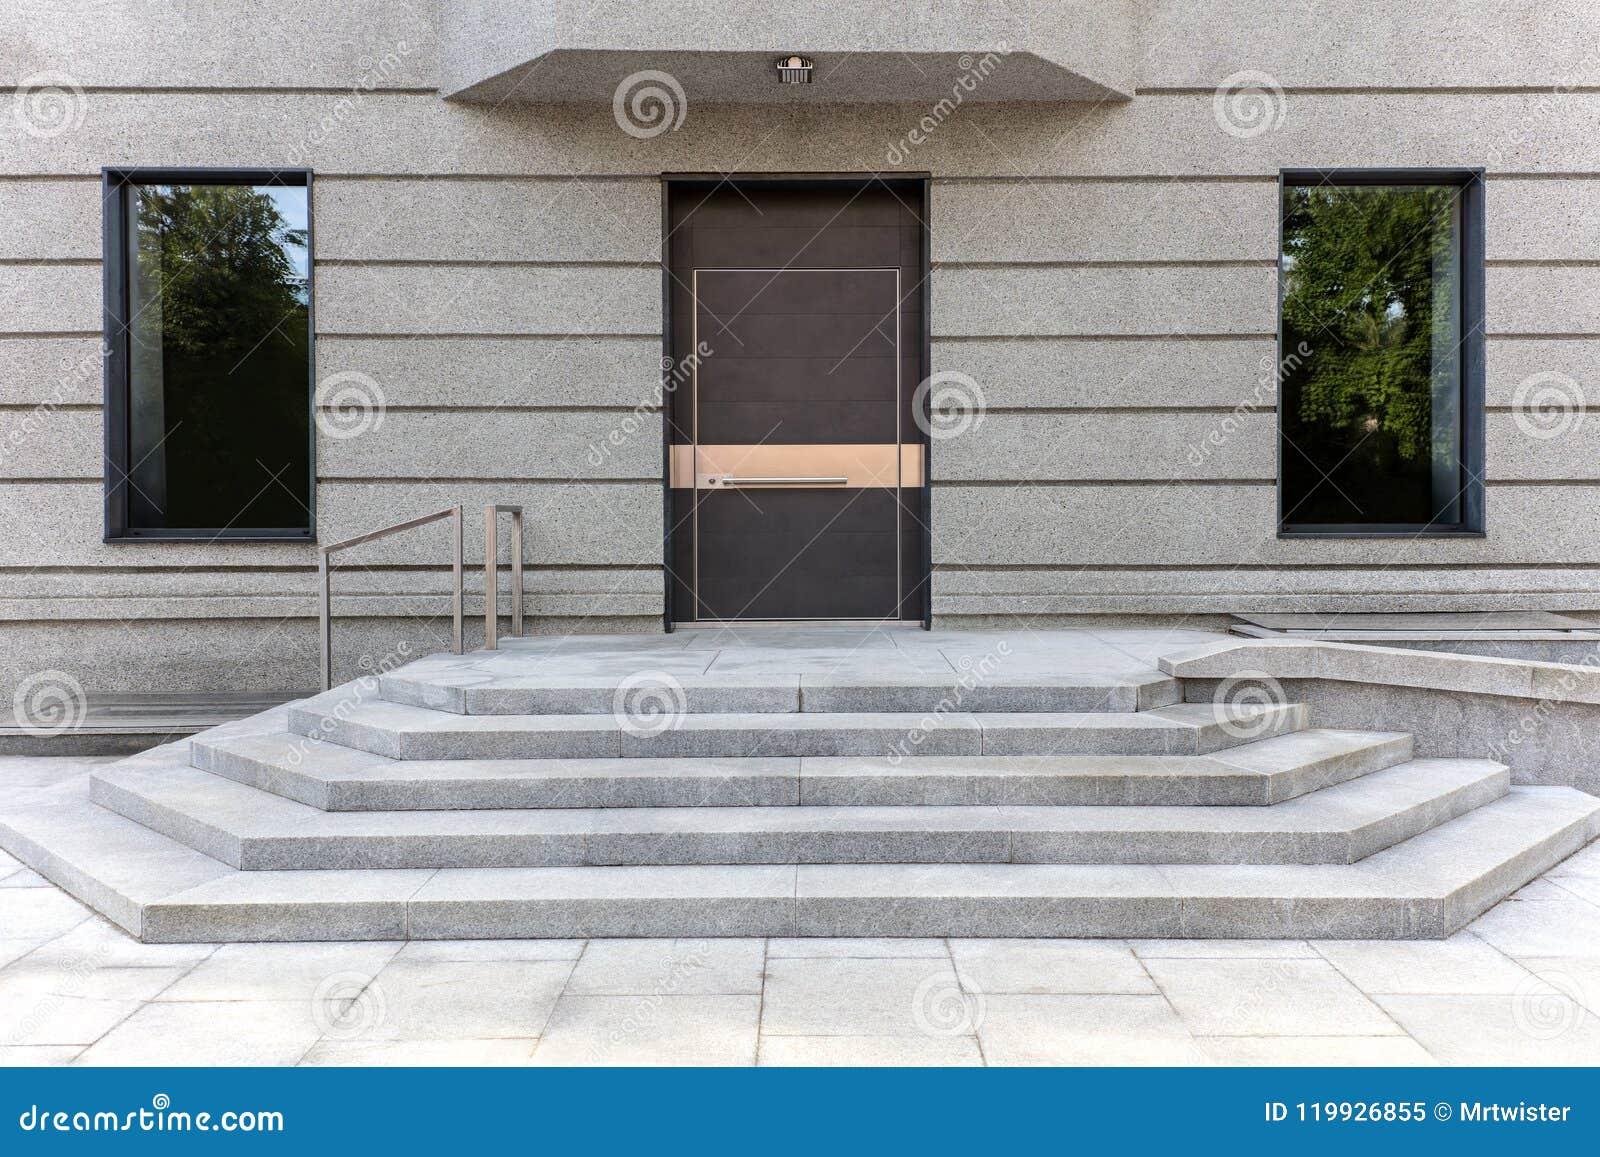 Closed Metal Front Door With Door Steps